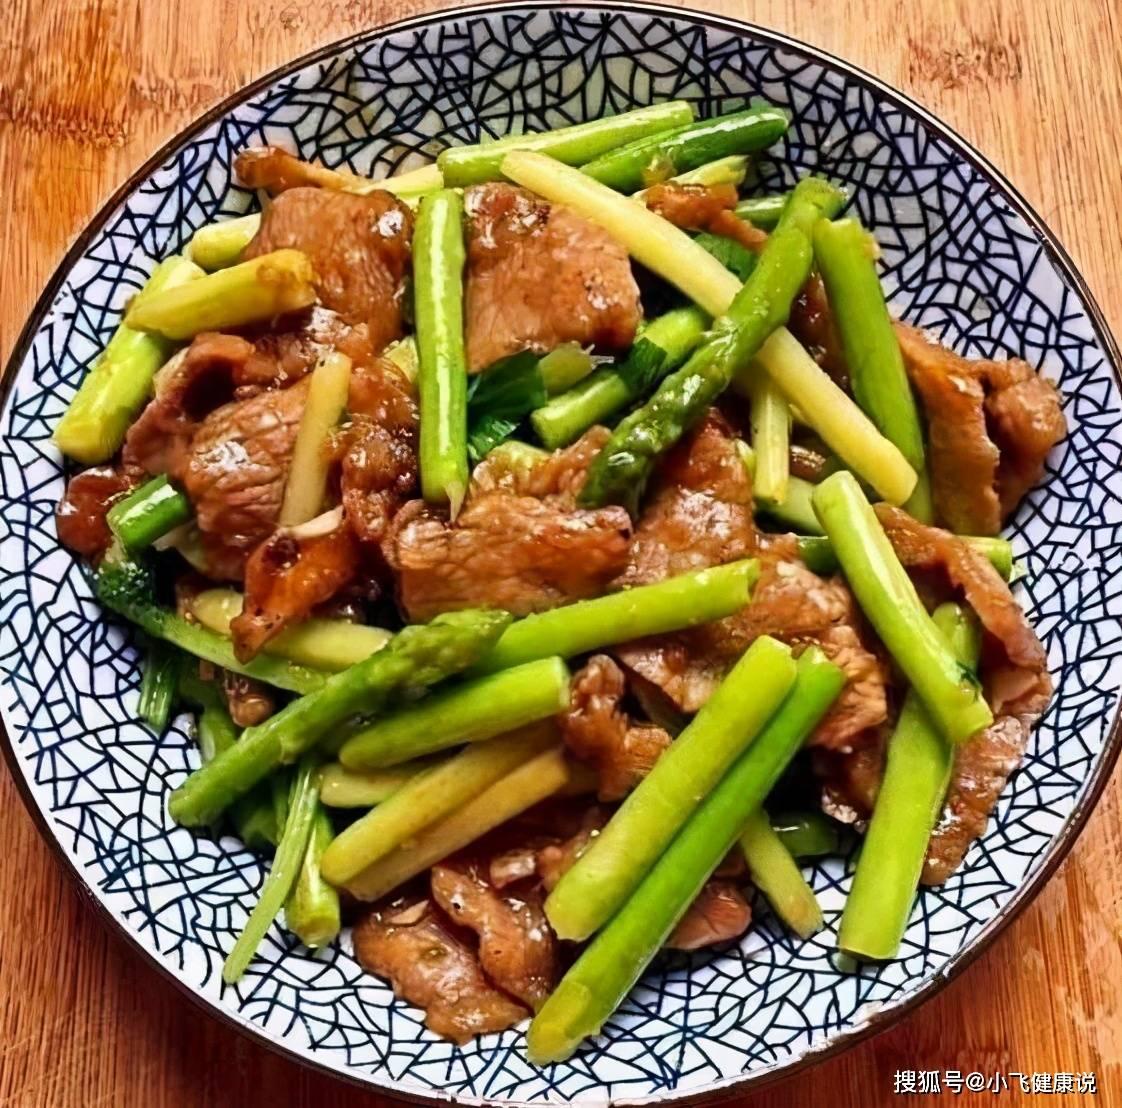 芦笋炒肉的好看图片